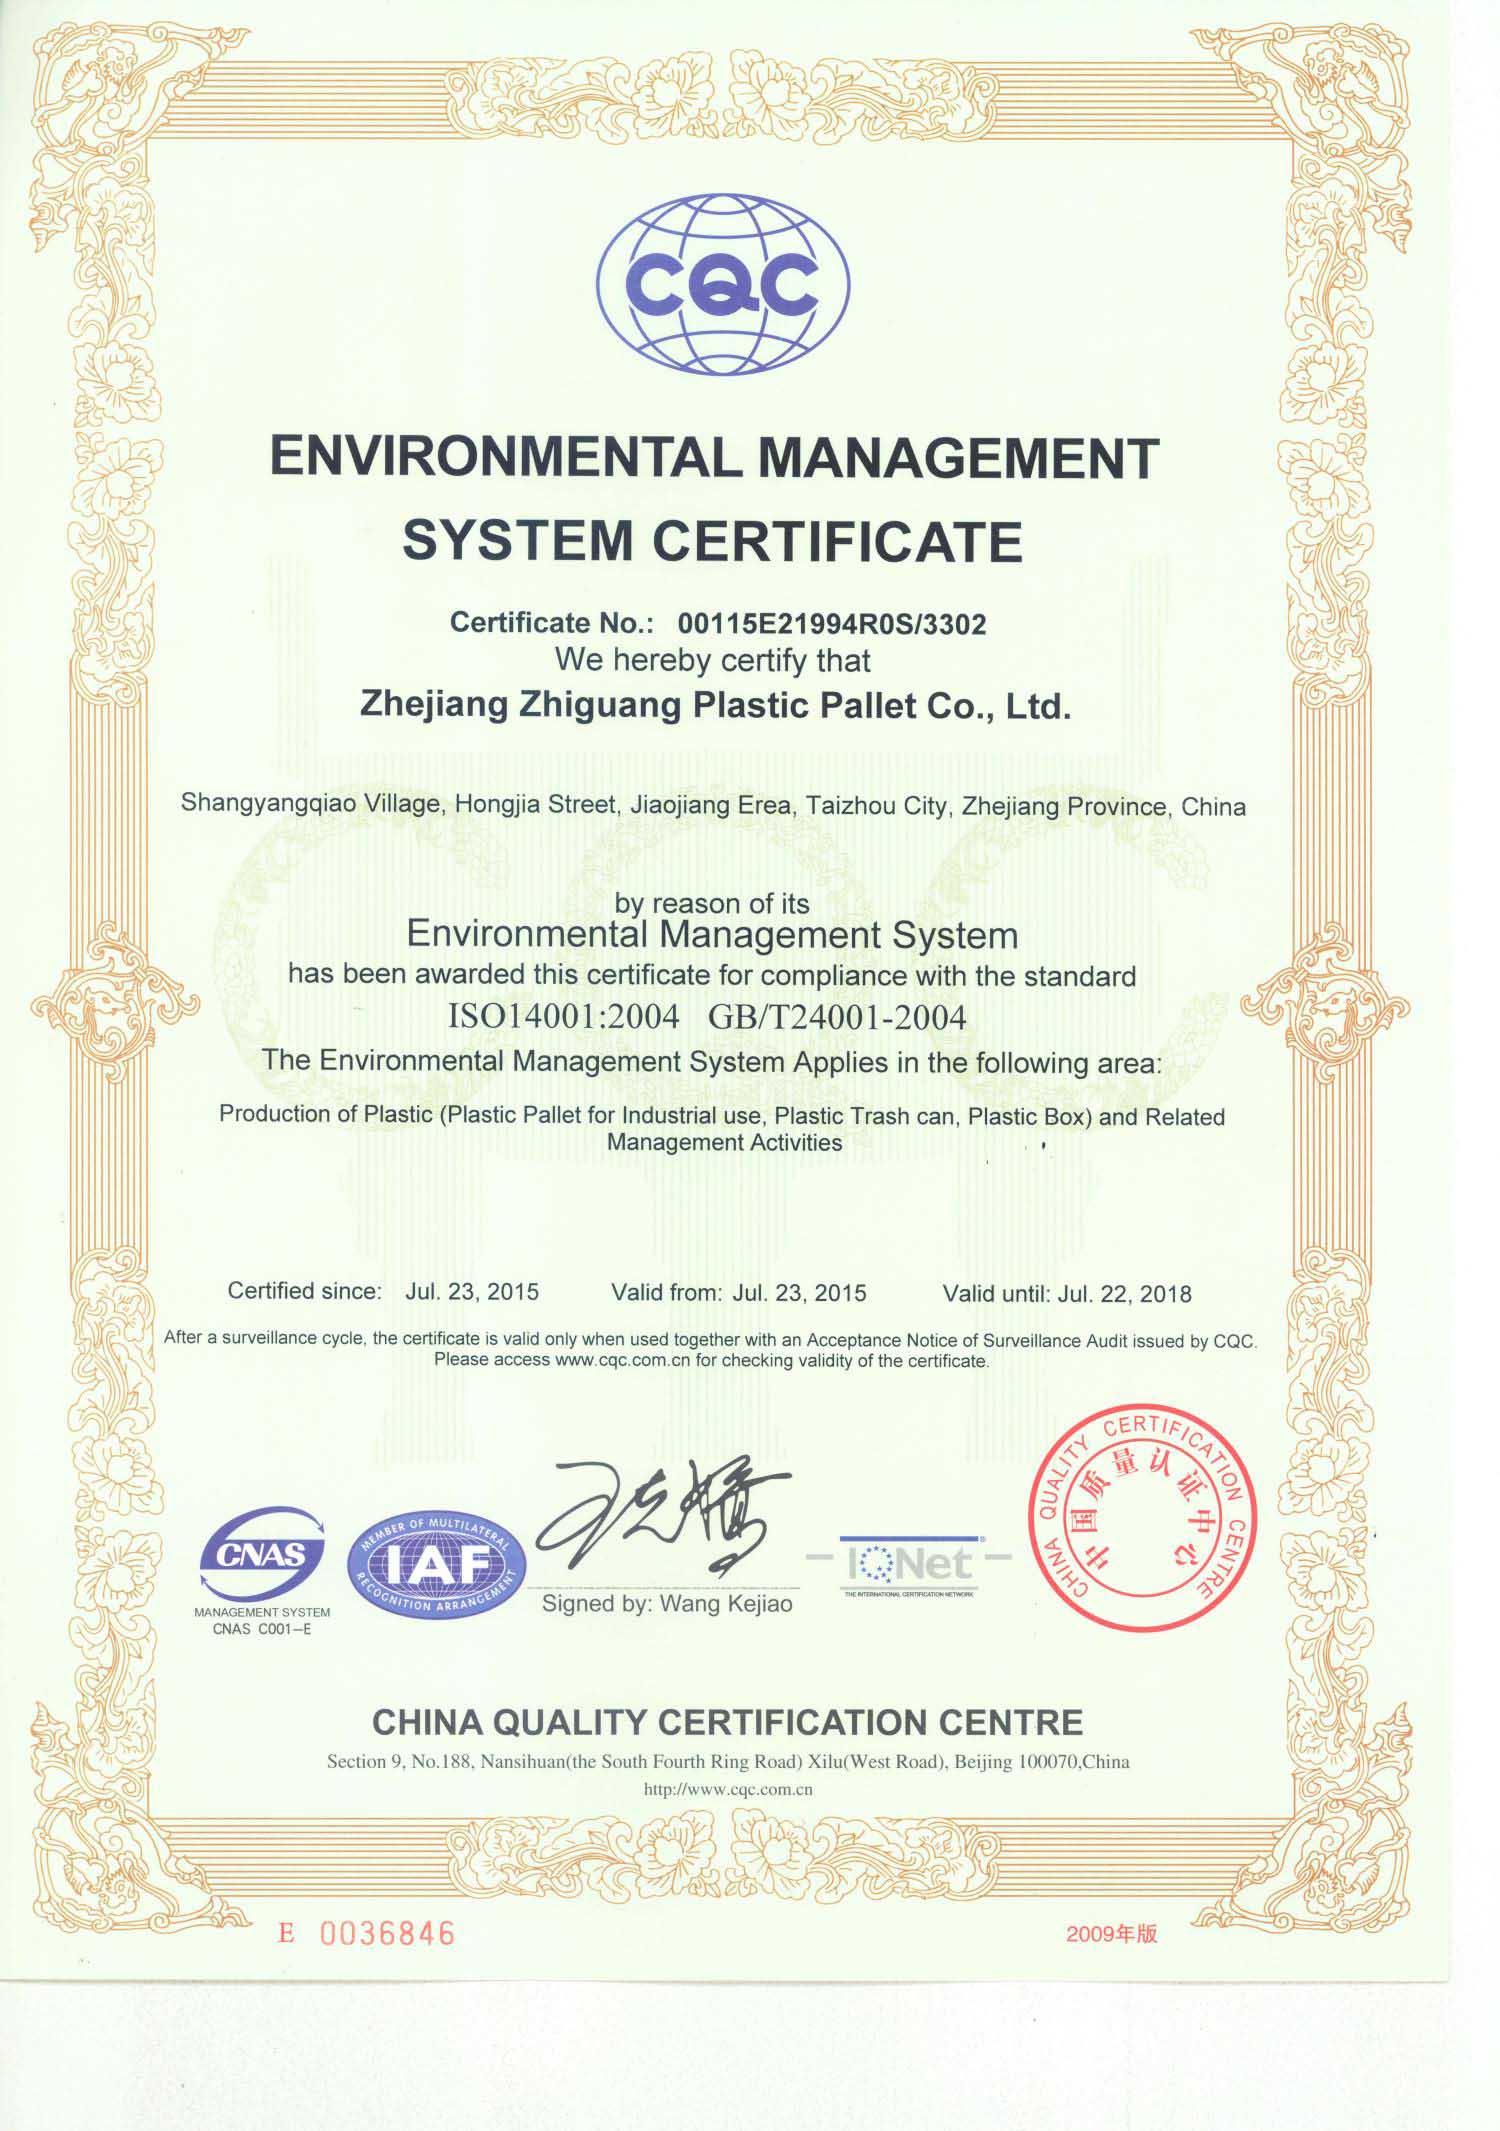 Zhejiang Zhiguang Plastic Pallet ISO 14001:2004 Certificate